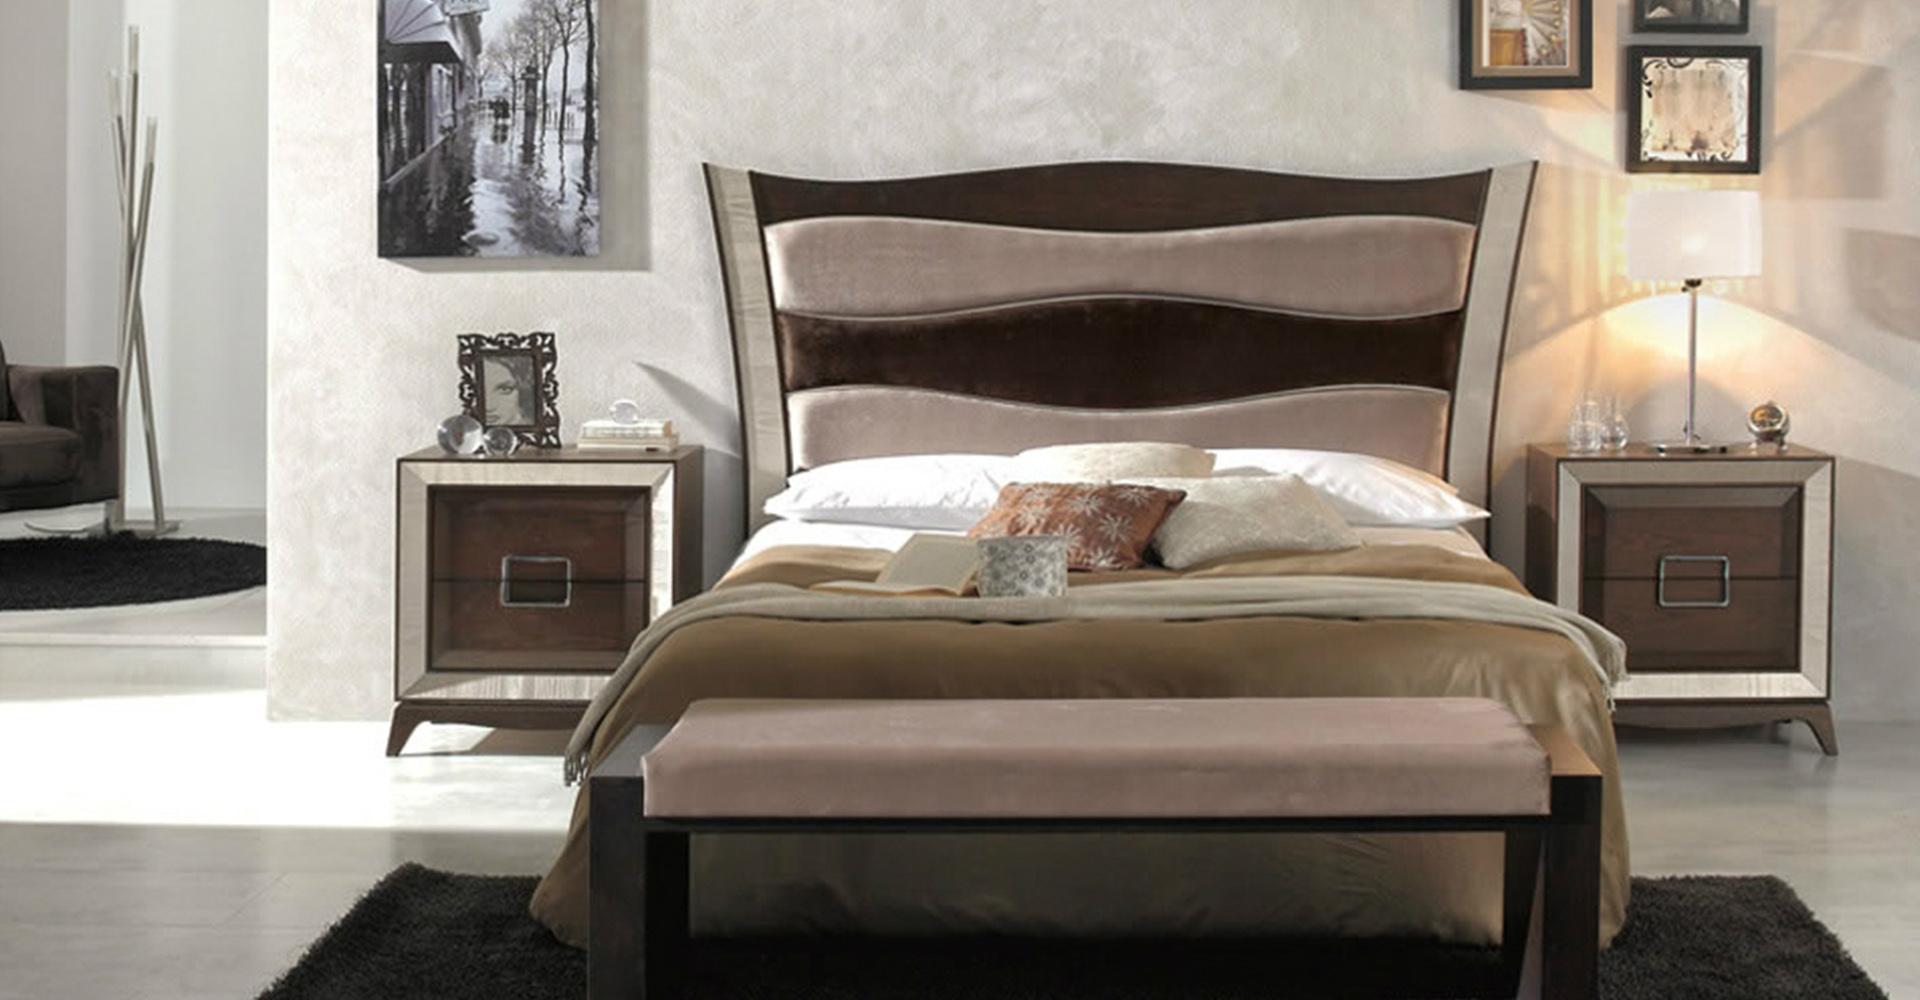 dormitorio de estilo contemporaneo (56)